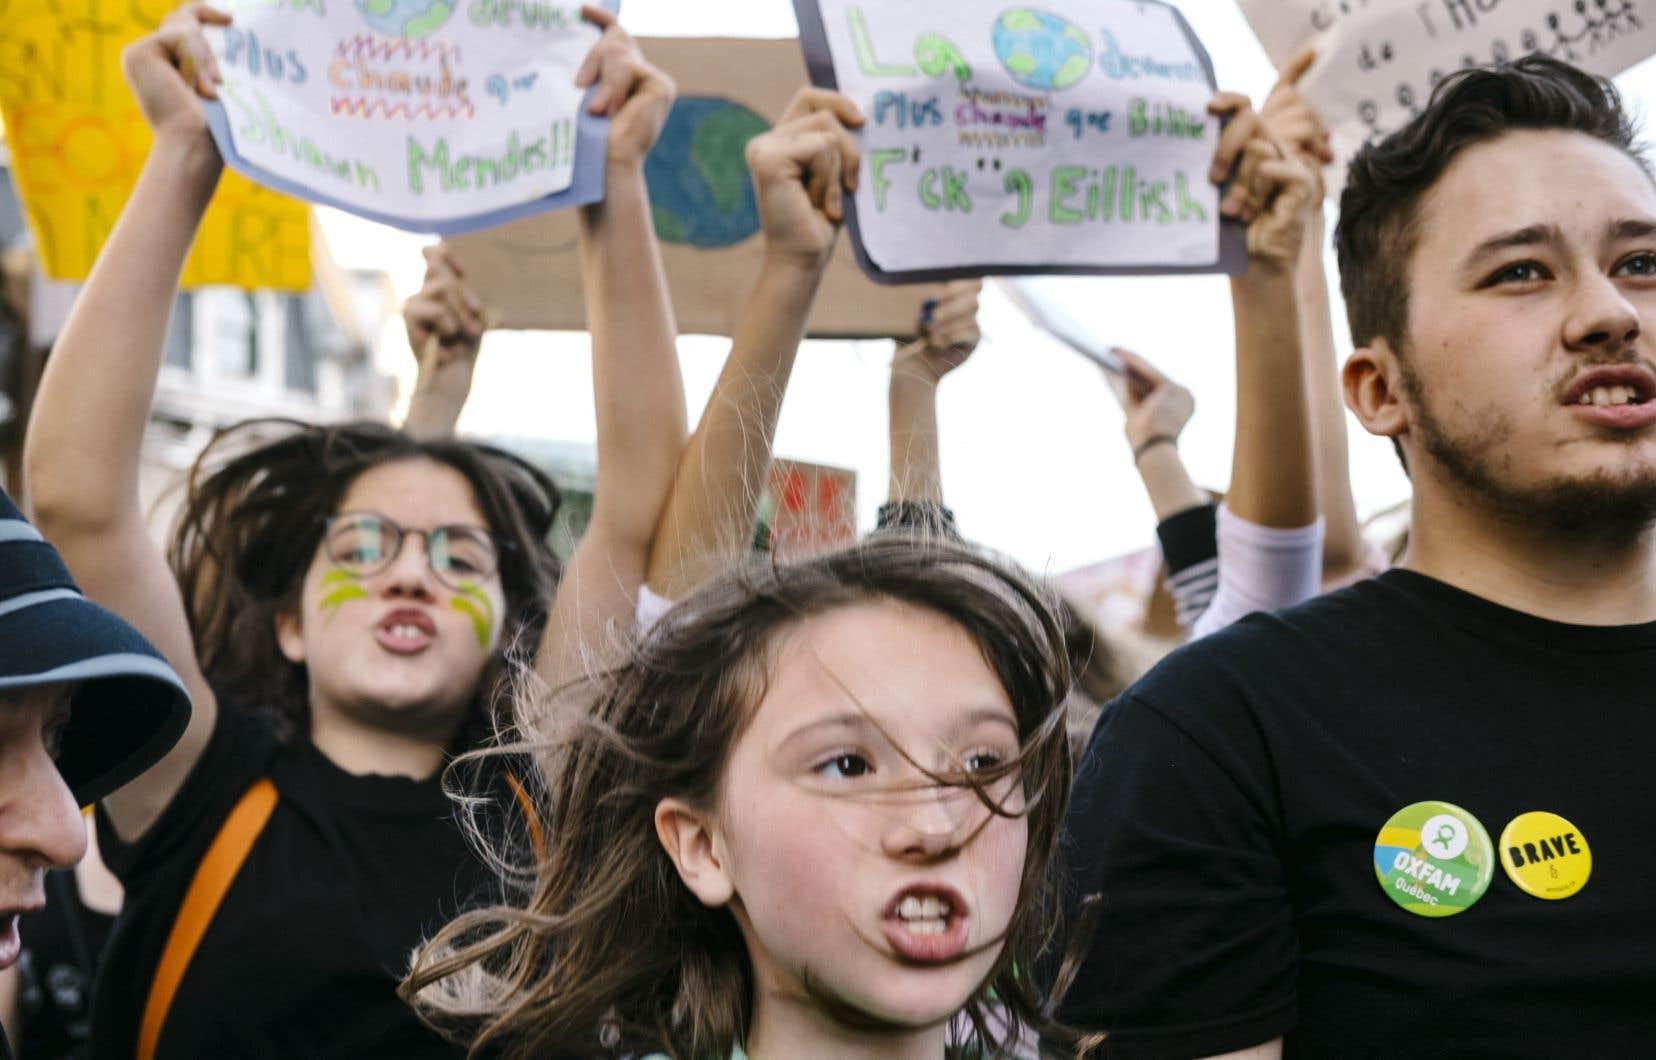 L'un des plus gros défis auxquels tu auras à faire face lorsque tu seras devenu adulte, c'est le réchauffement de la planète.